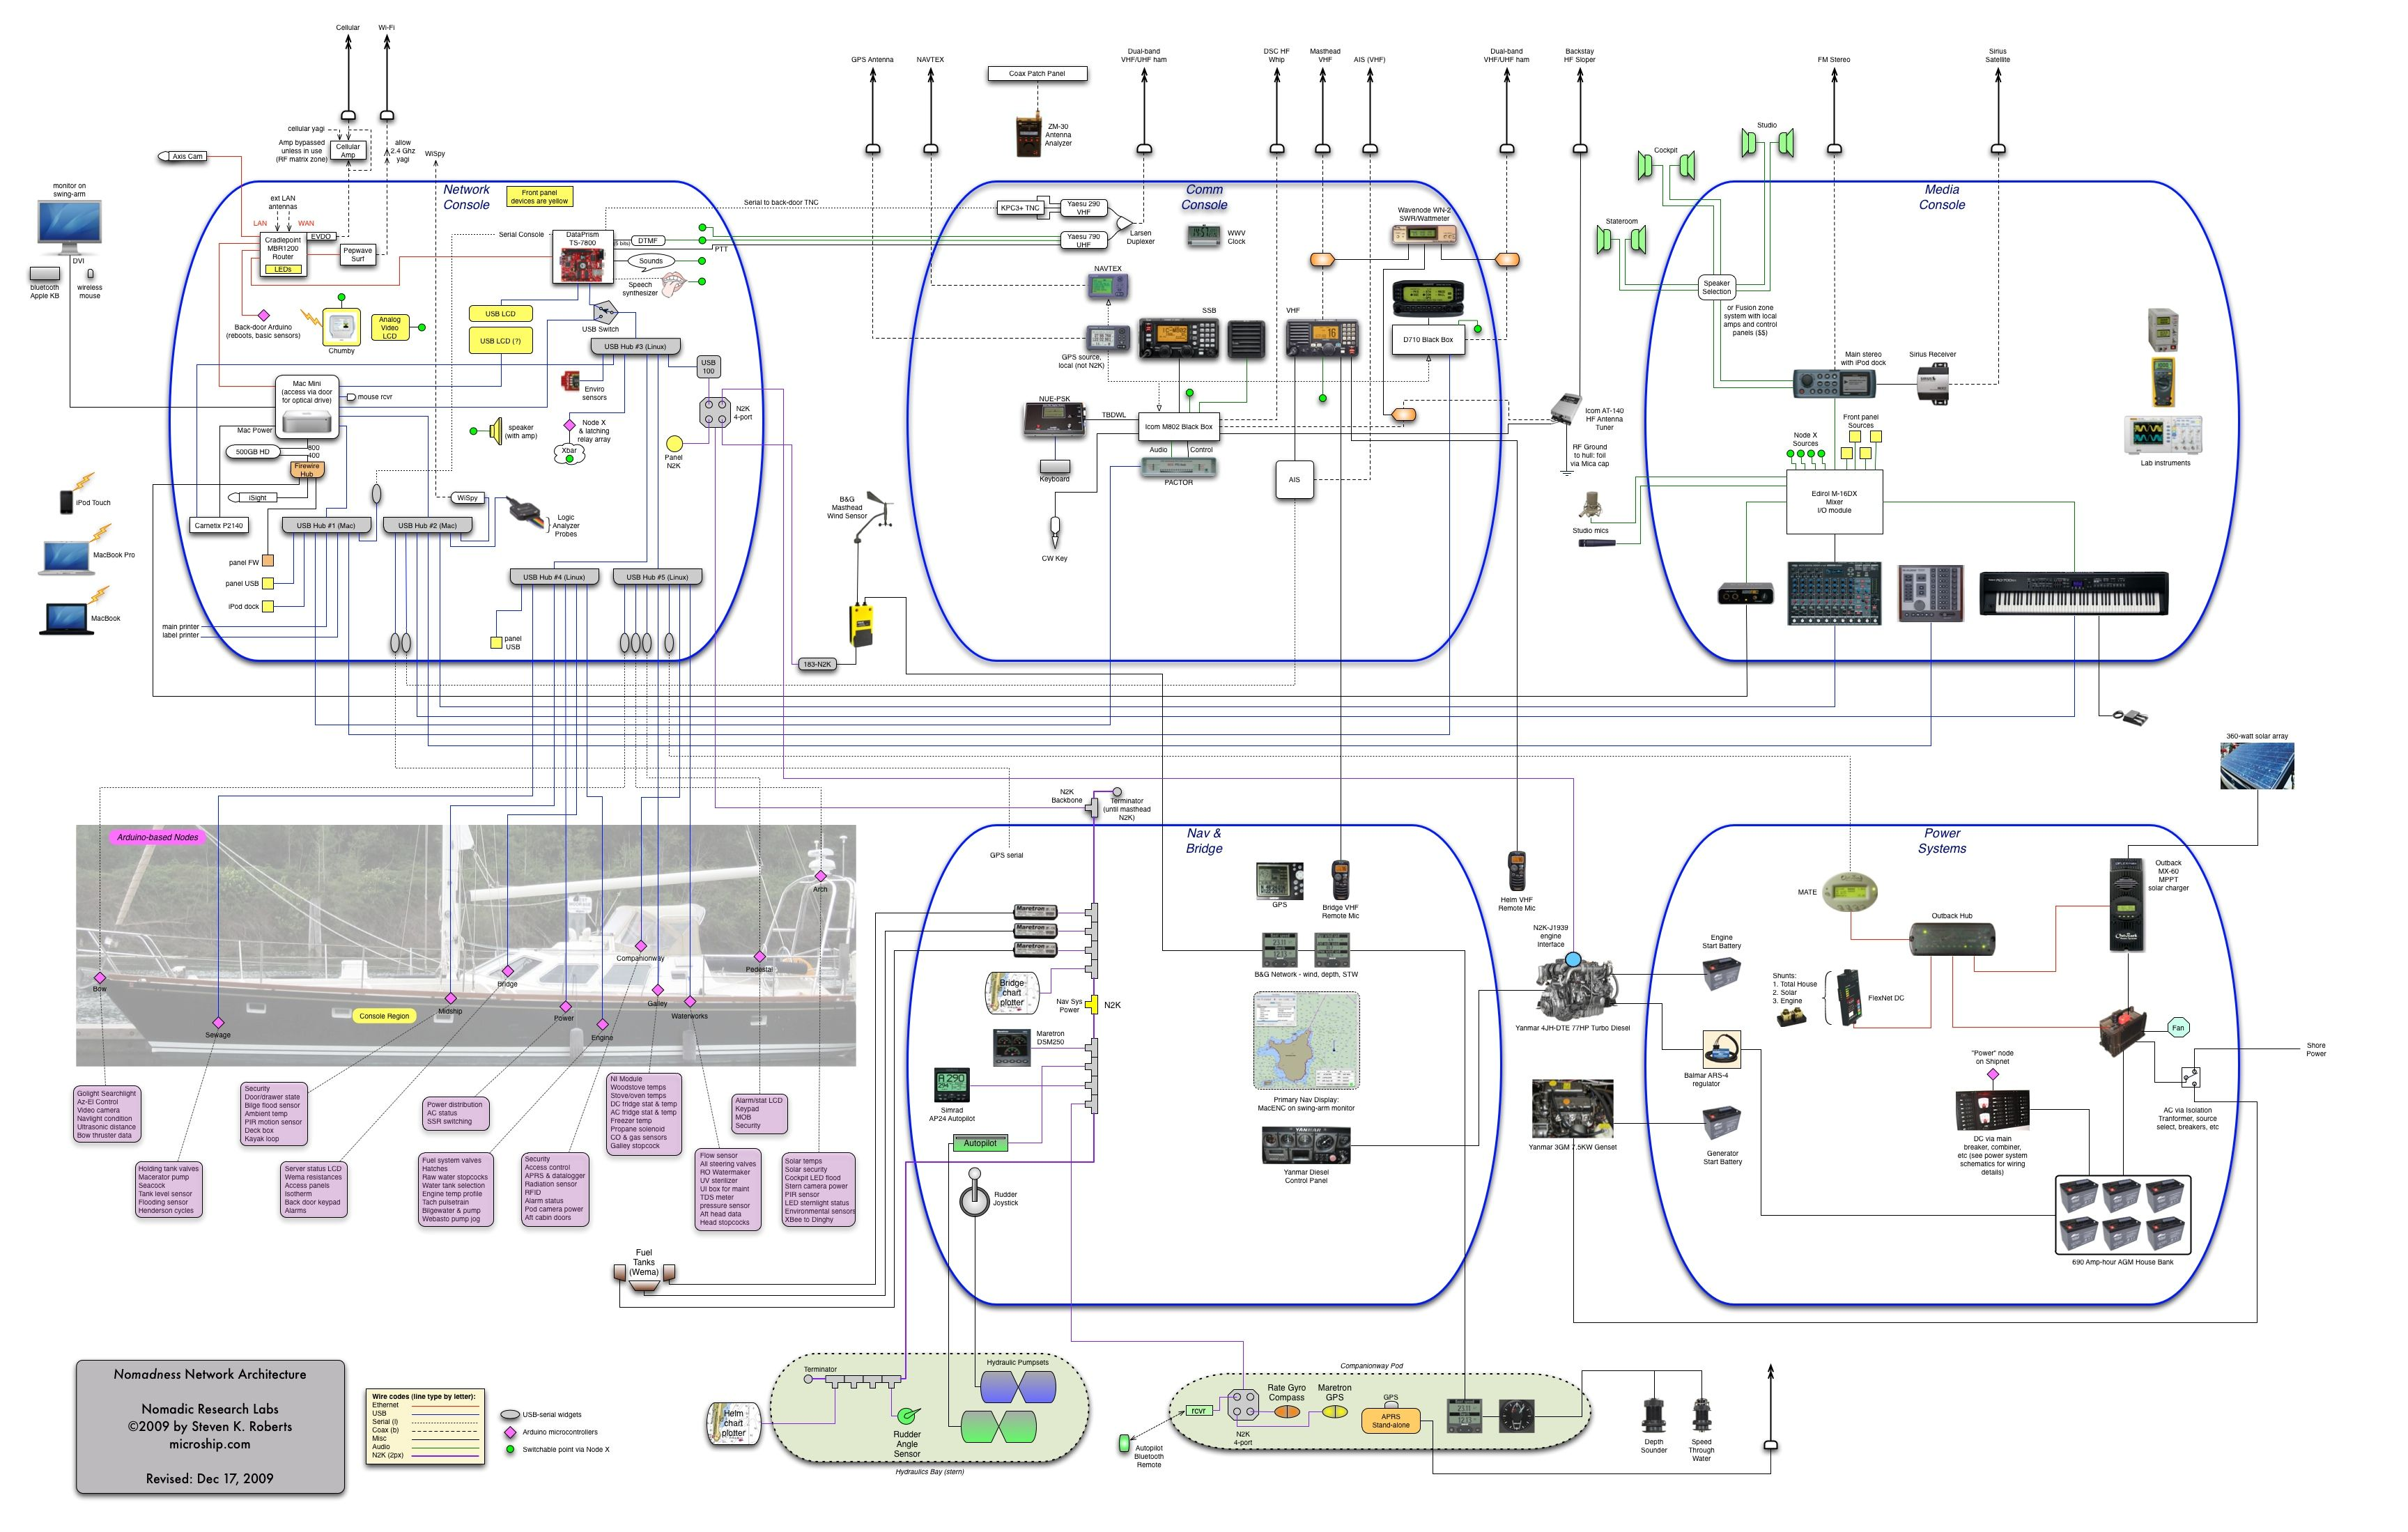 internet of things sailboat wiring diagram via steve robert s diagram for wiring two doorbells wiring diagram for steve [ 3456 x 2199 Pixel ]